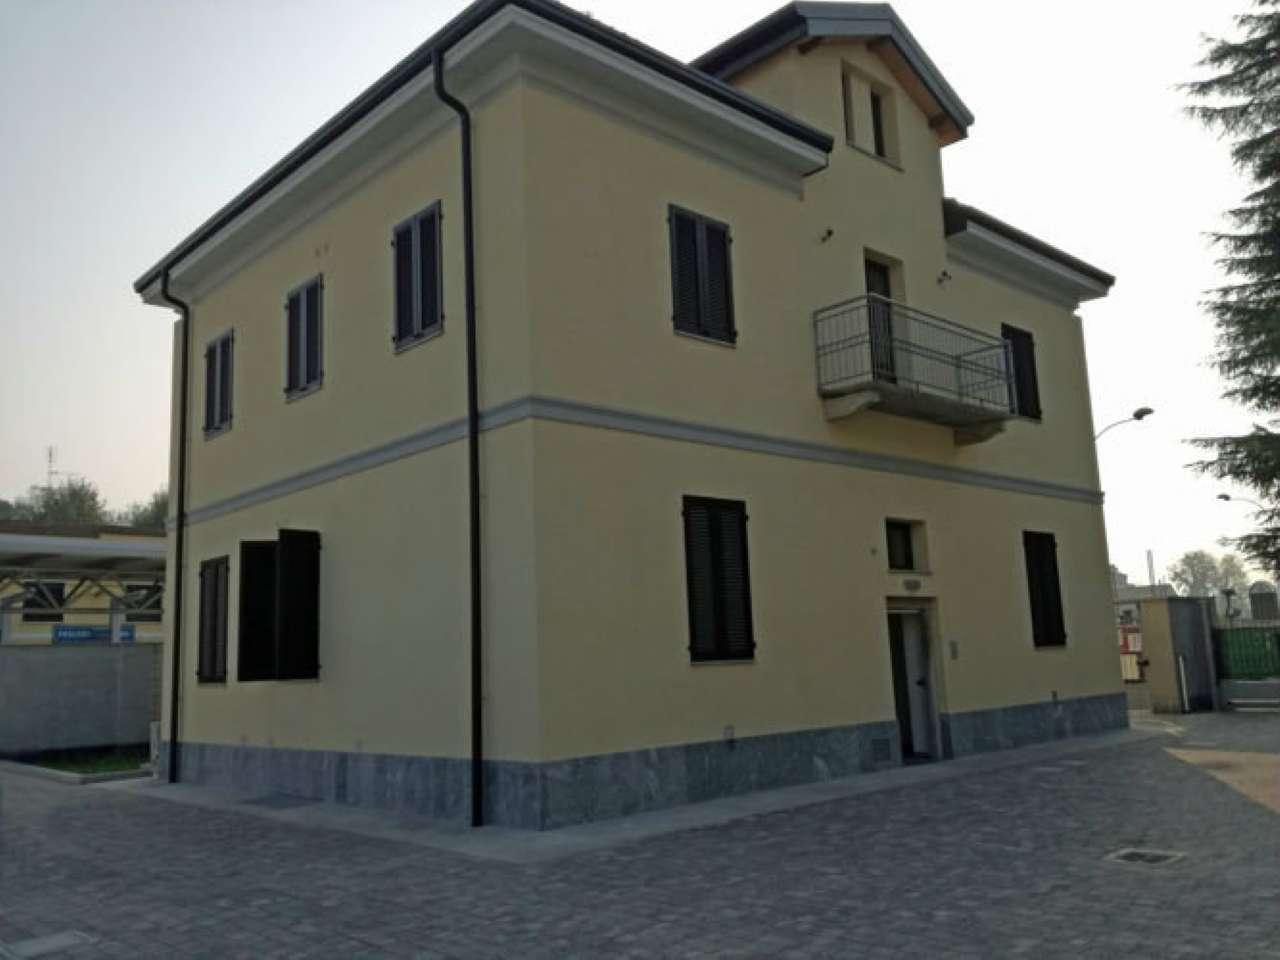 Appartamento in affitto a Paderno Dugnano, 3 locali, prezzo € 600 | CambioCasa.it